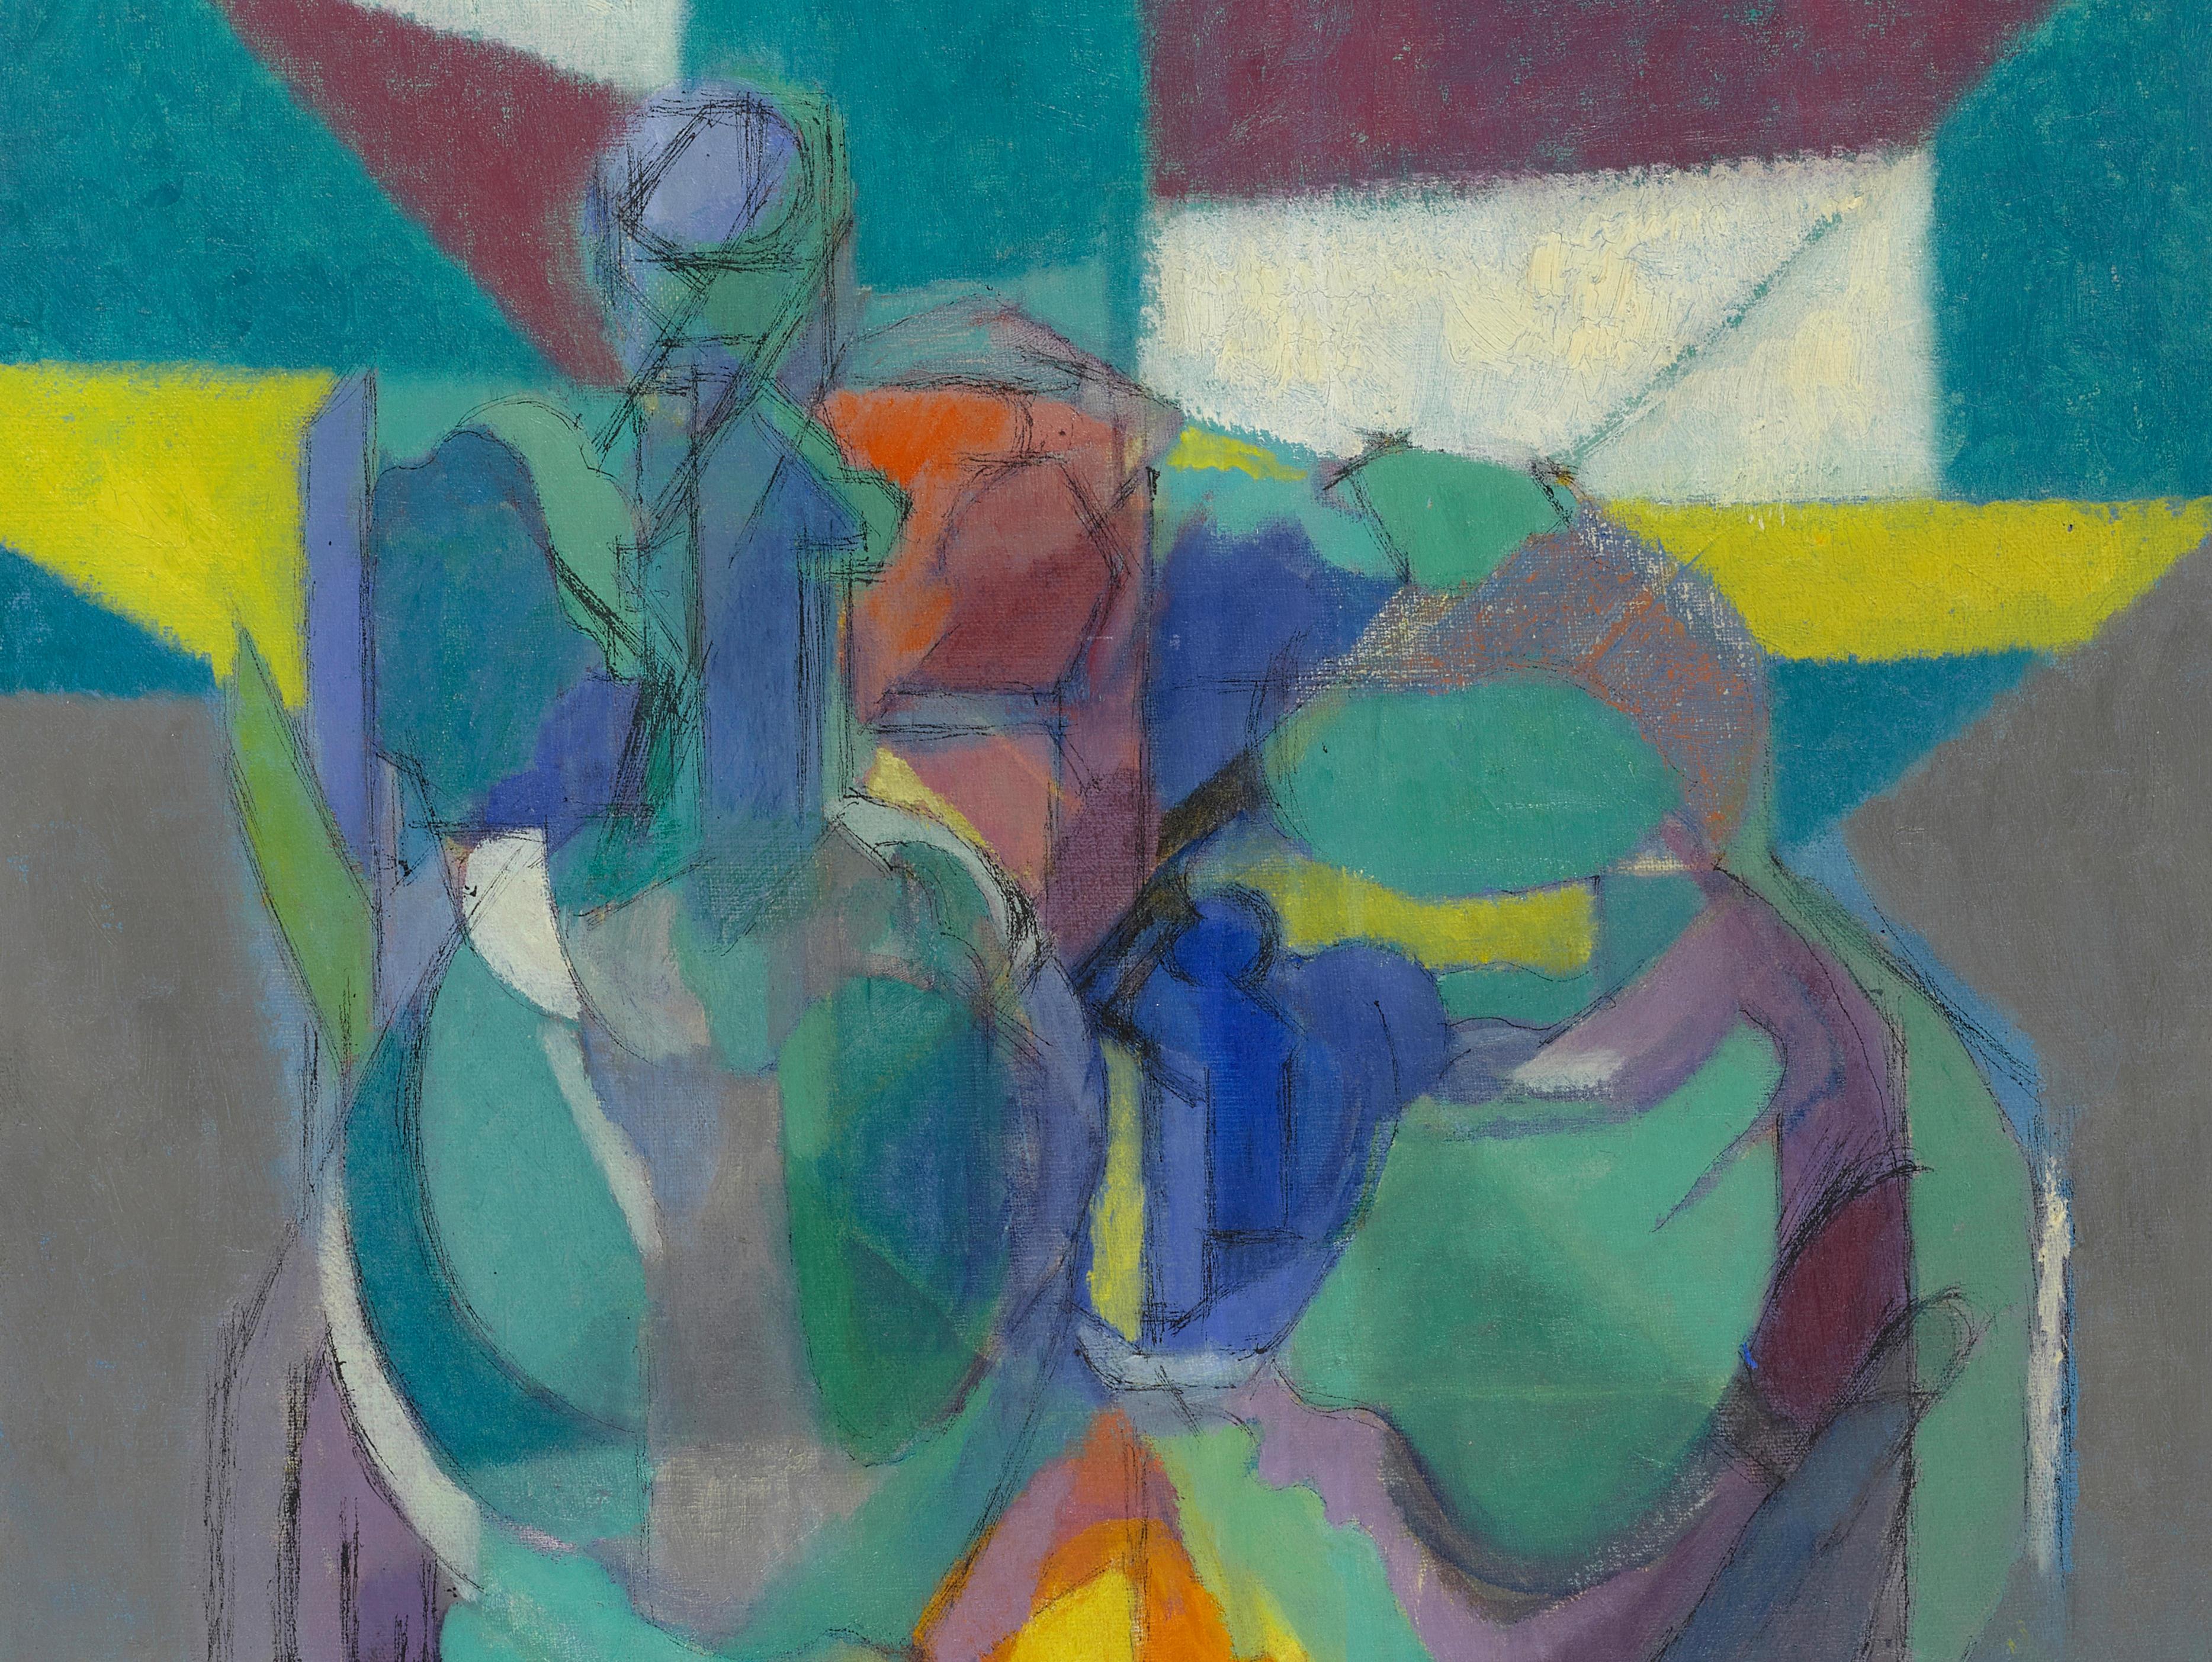 JACQUES VILLON (1875-1963) Le verre d'eau 21 9/16 x 18 1/8 in (54.7 x 46 cm) (Painted in 1948)